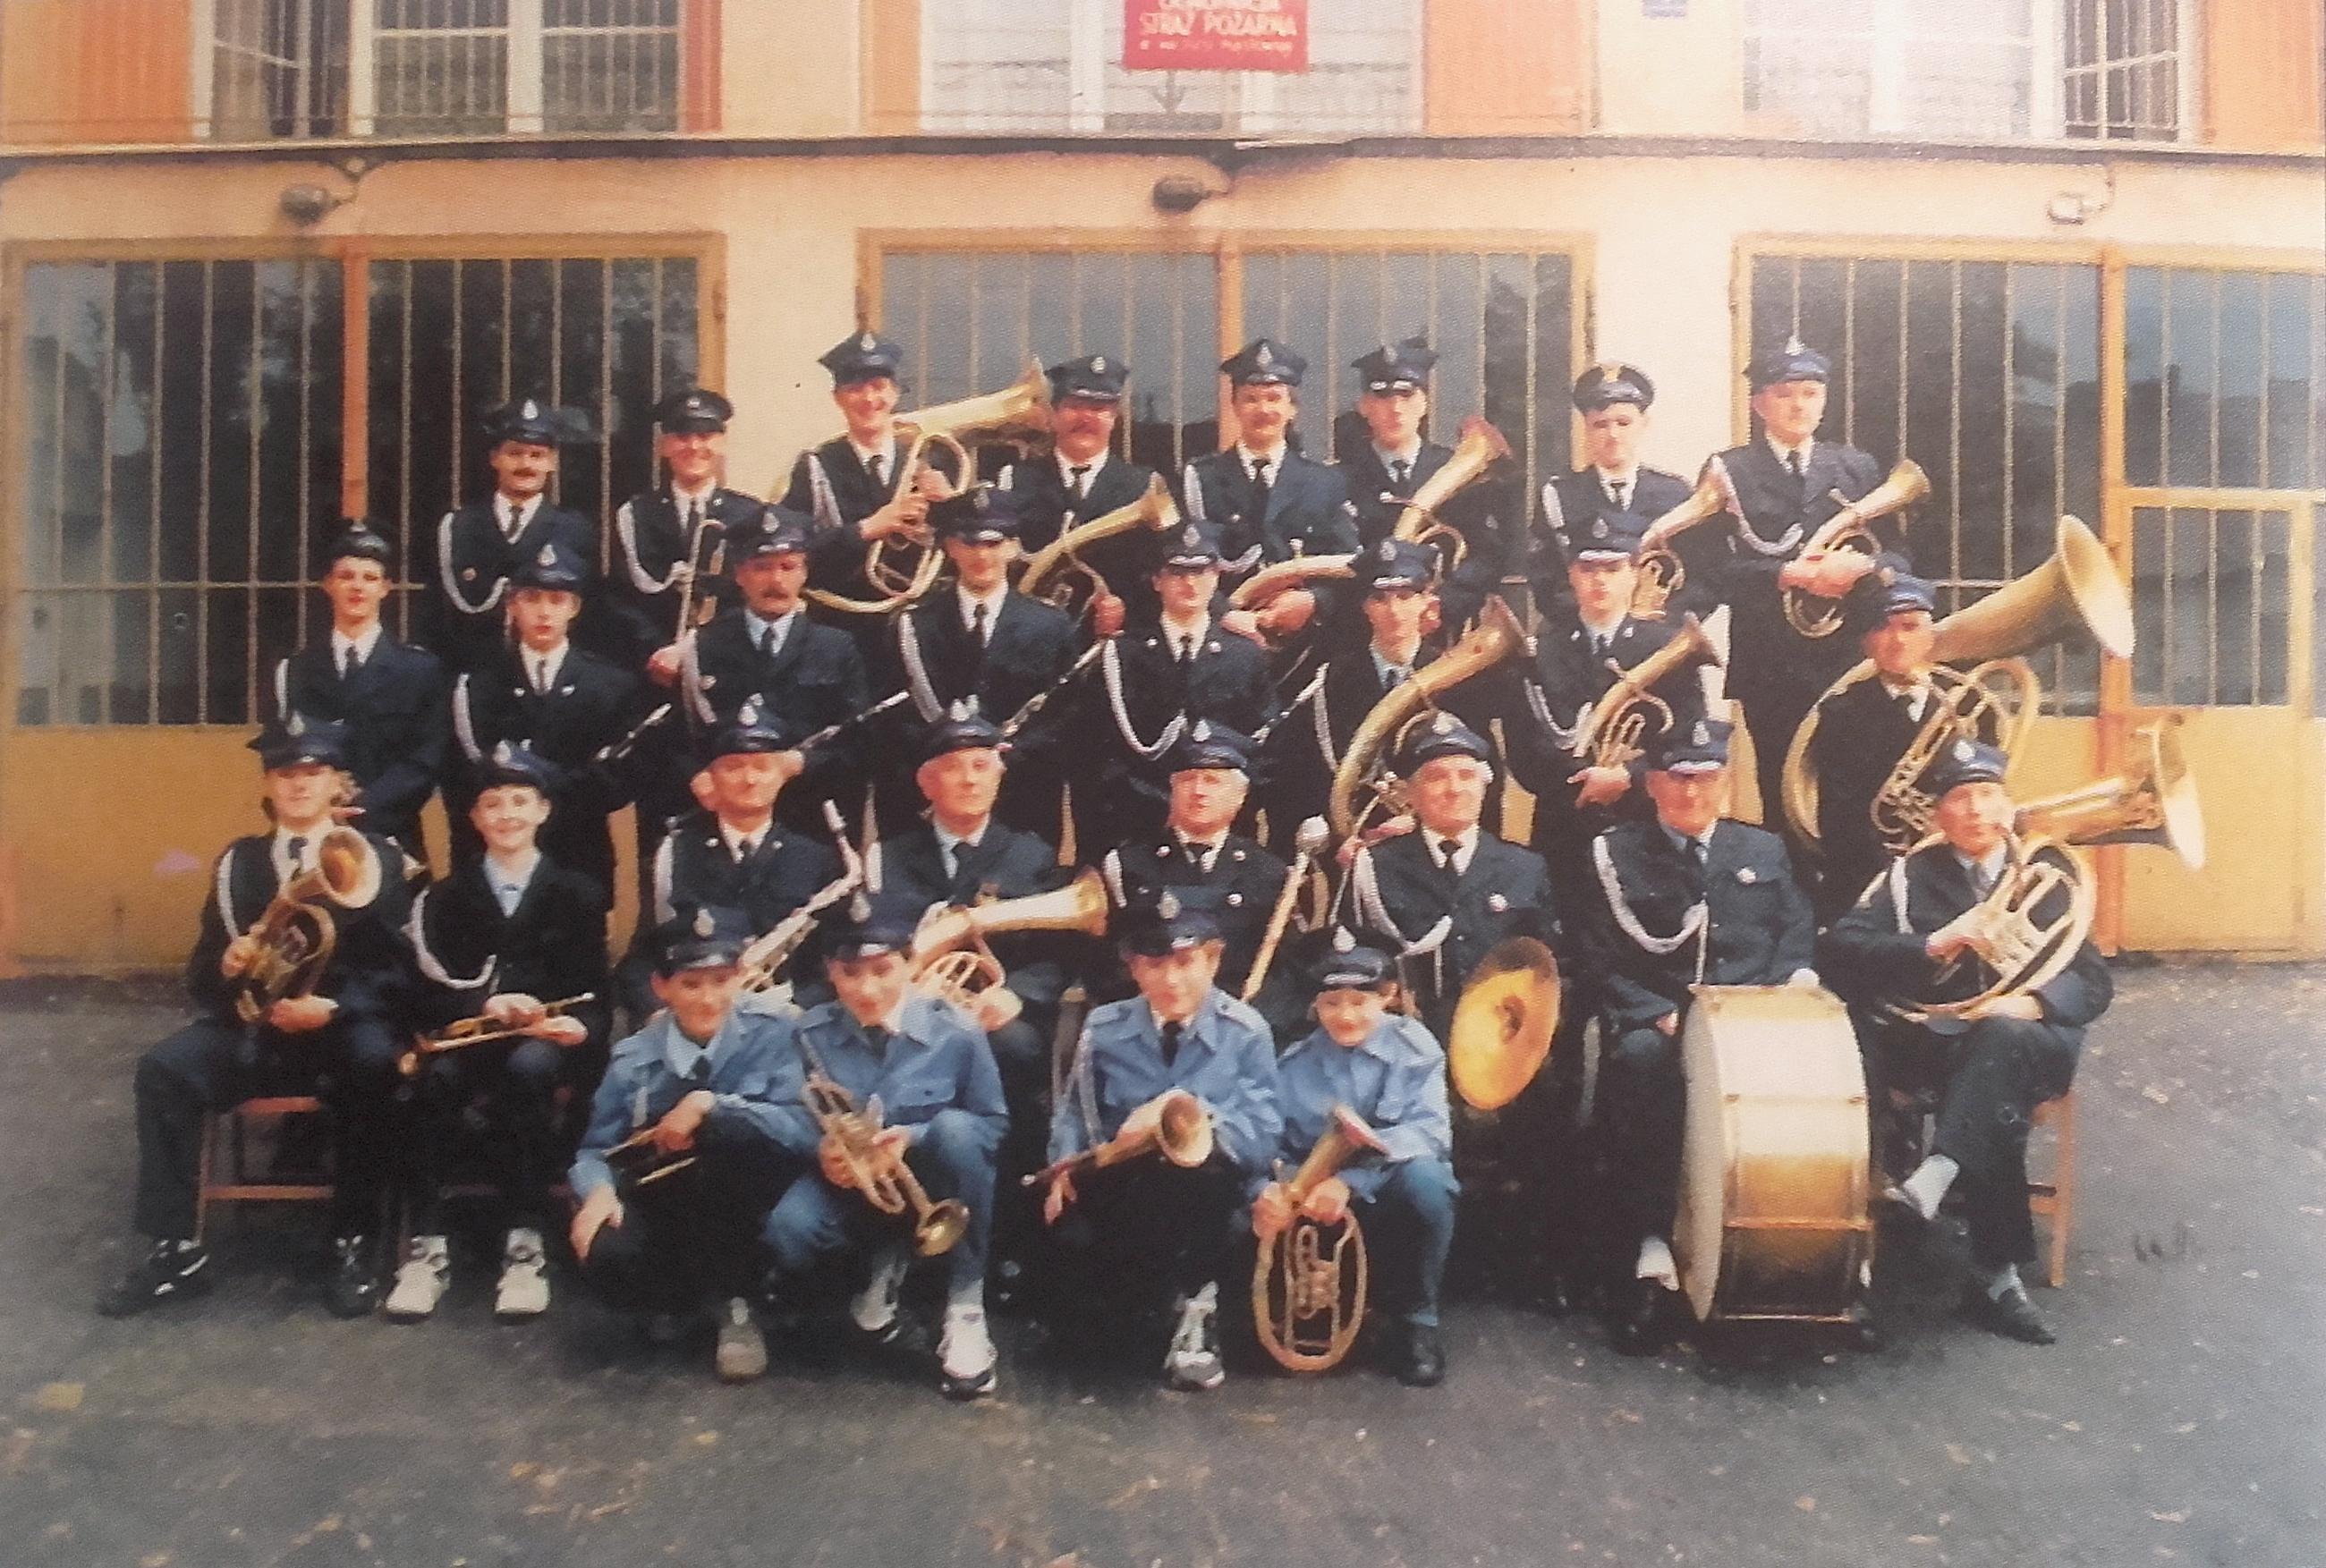 18. Orkiestra 1995 J. Wegrzyn